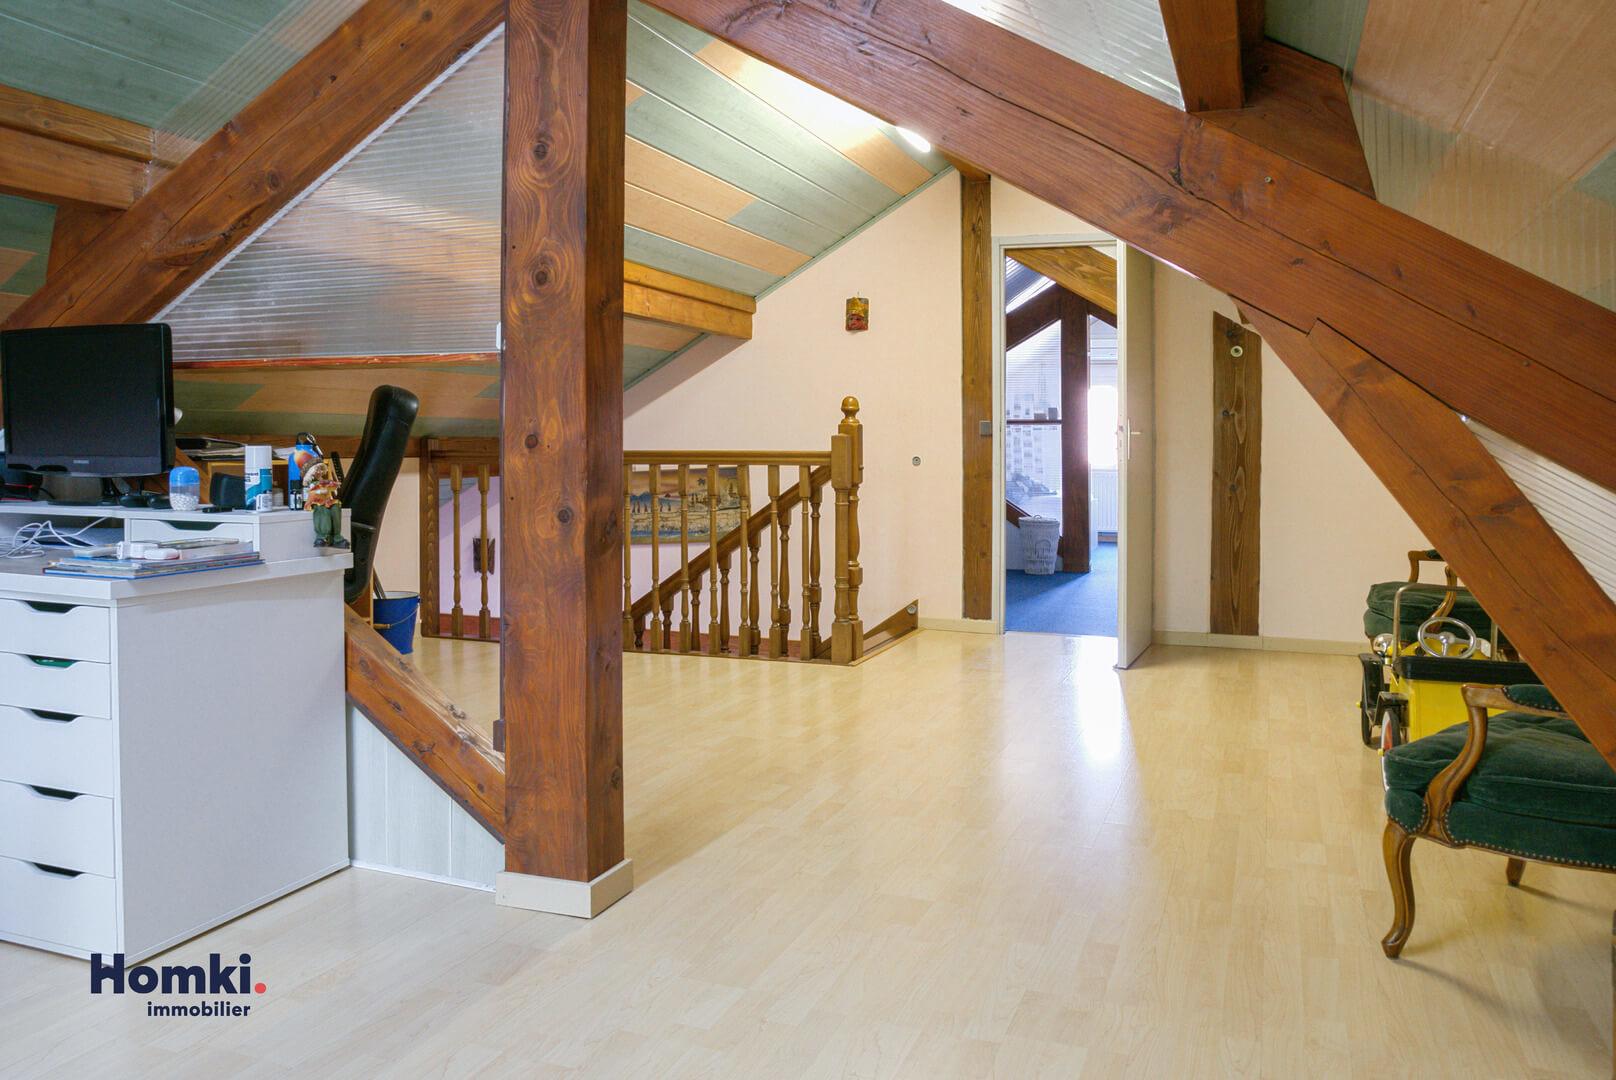 Vente maison 150m² T5 38270_7